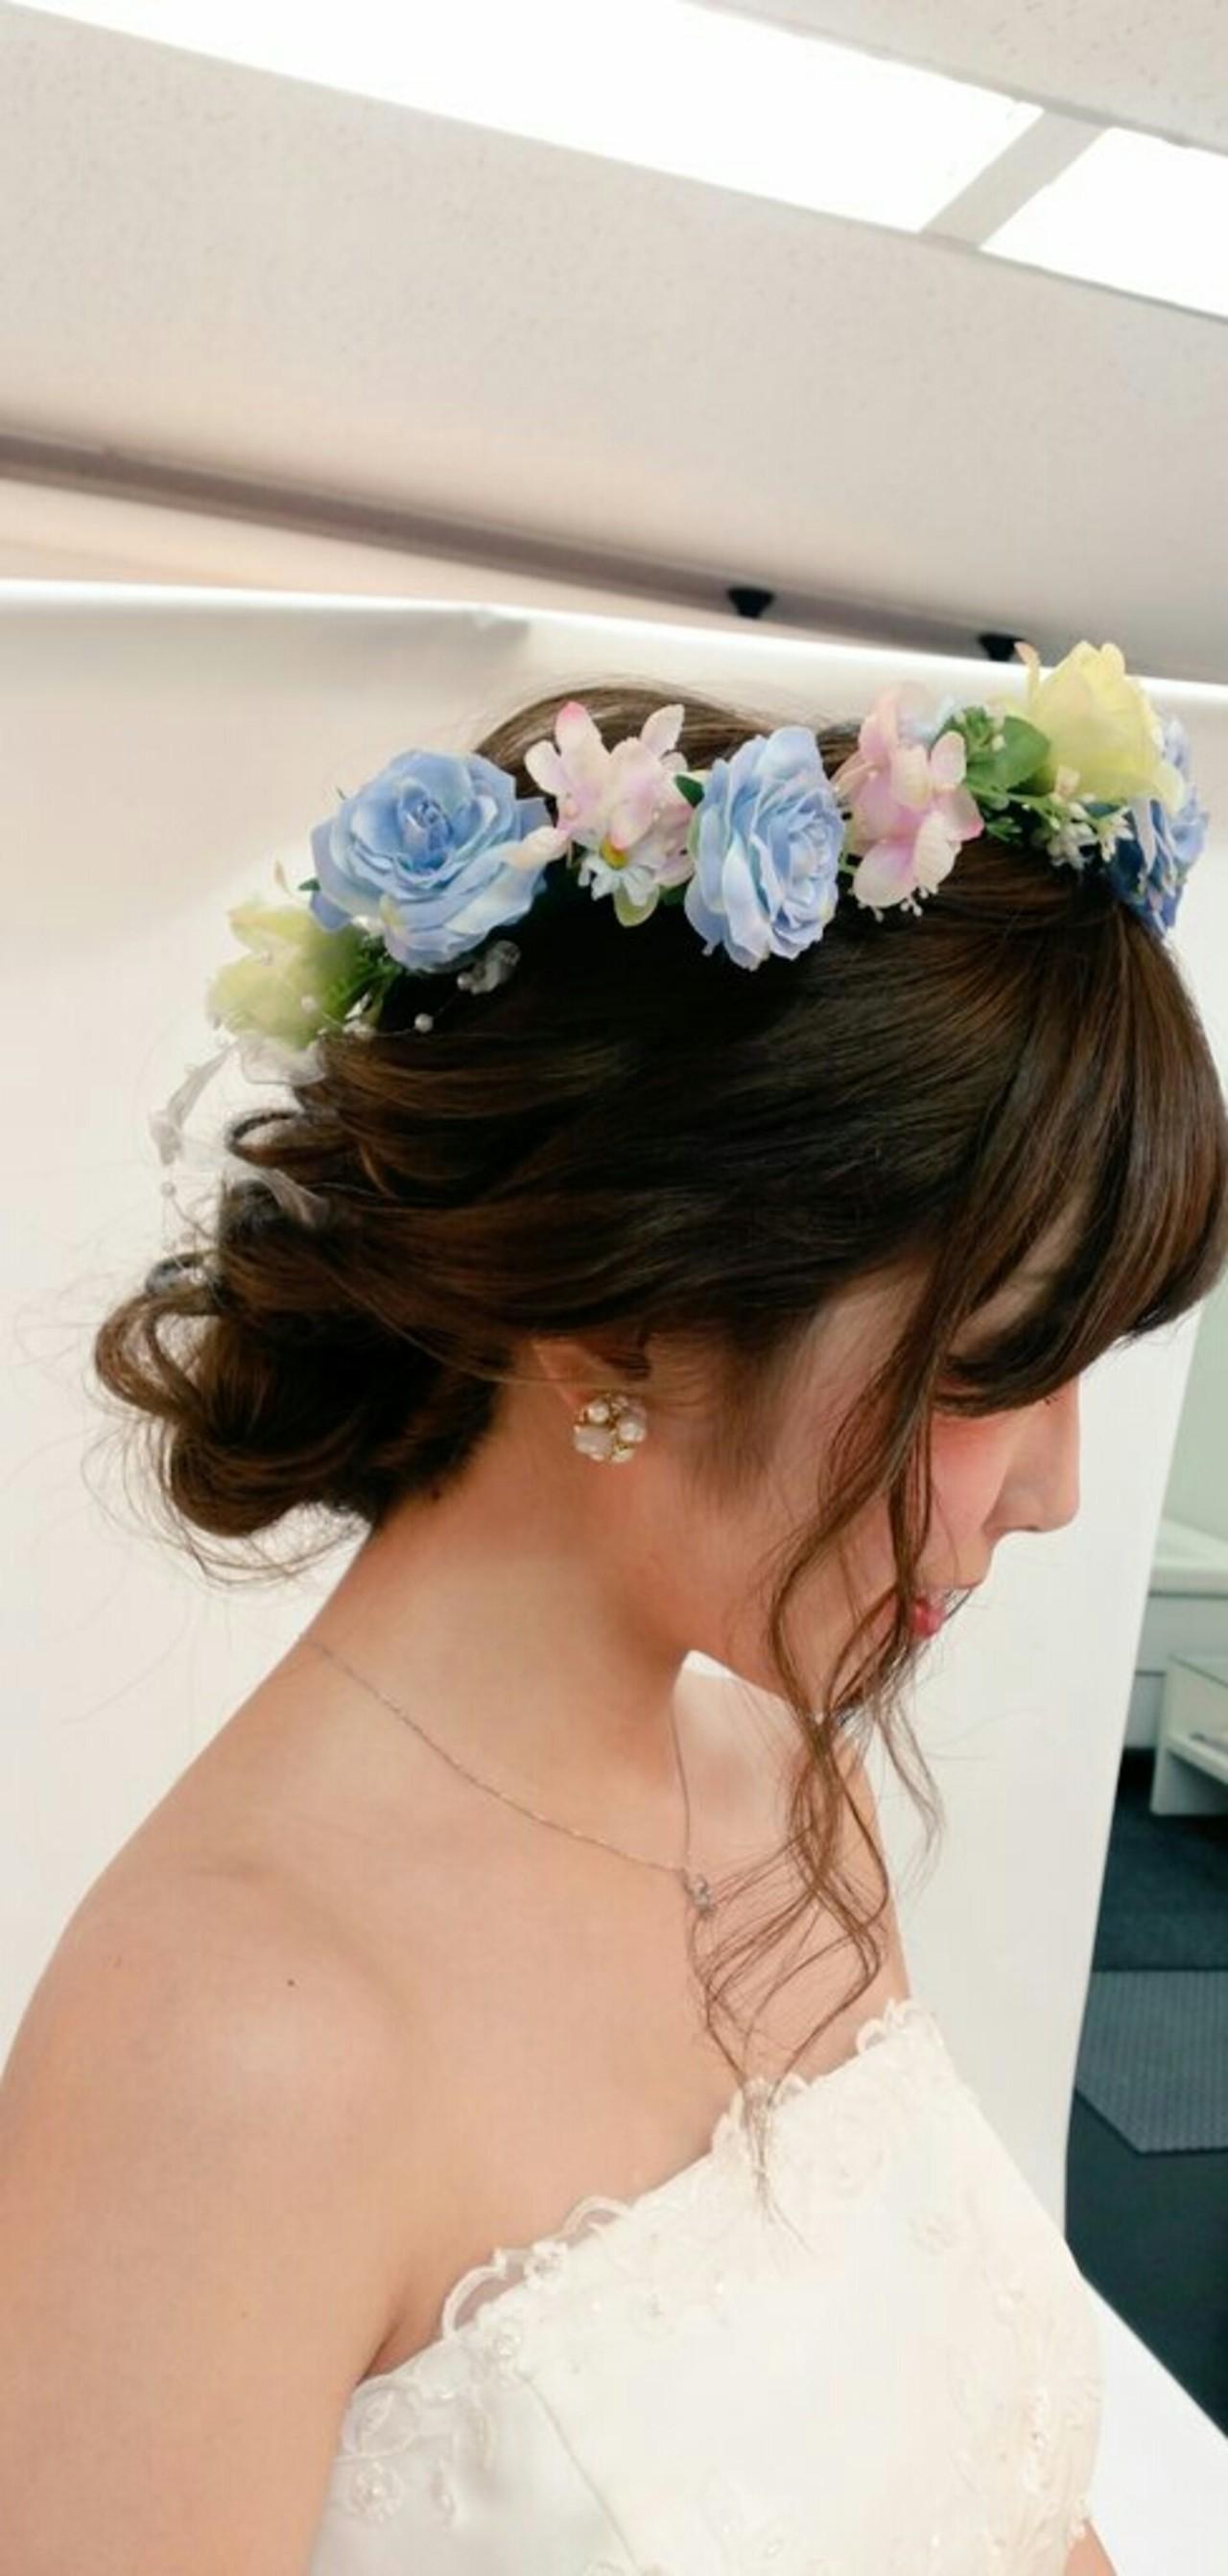 最高に華やかな花嫁さんになるために*お花で飾る結婚式ヘアアレンジ♡ mai takagi